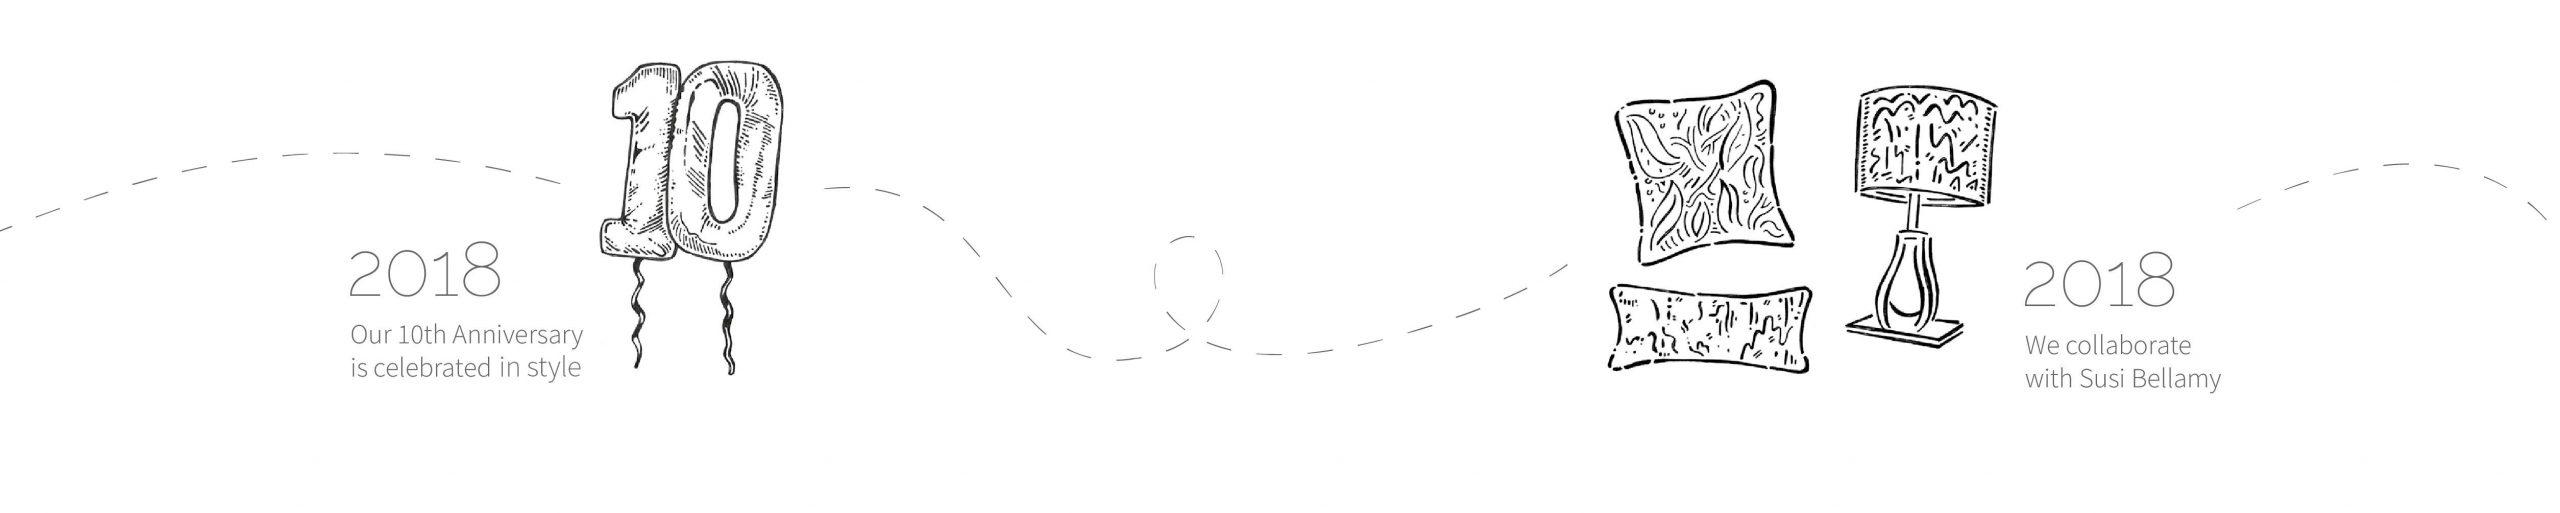 BHT058-Carousel-Timeline-06-V2